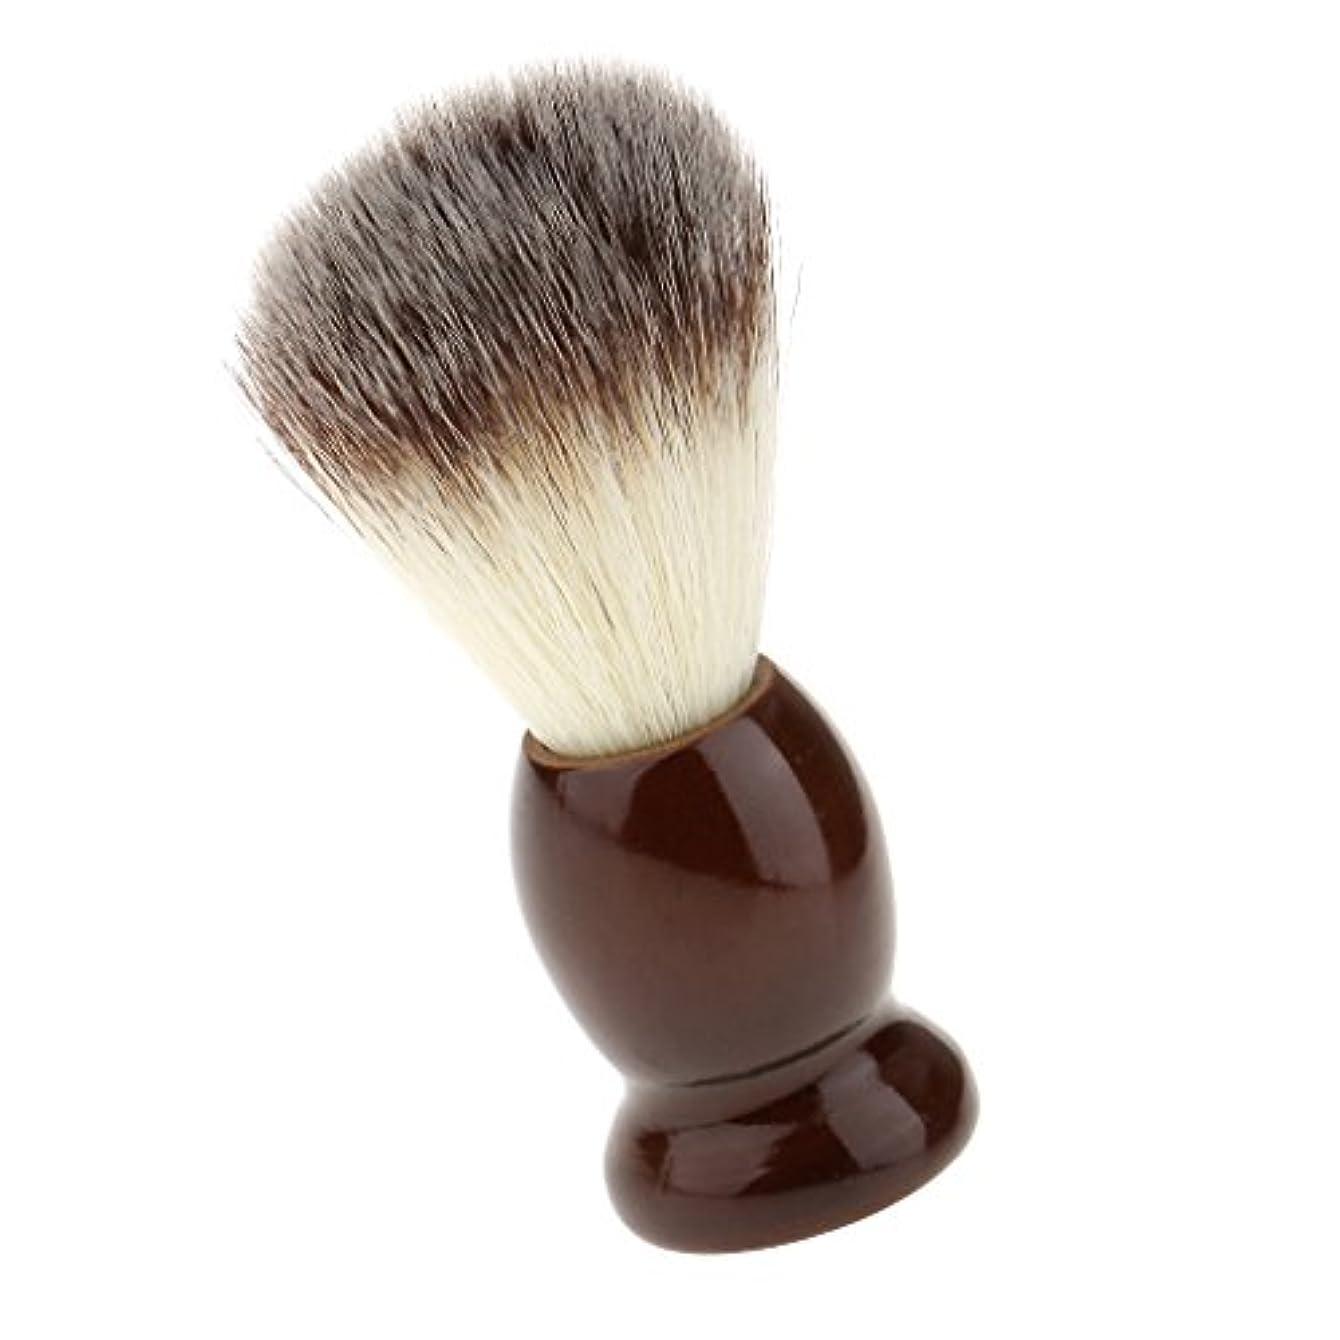 異議接地マラソンSONONIA ナイロン製 シェービングブラシ サロン 柔らかい 髭剃り 洗顔 理容   便携 10.5cm  ブラウン